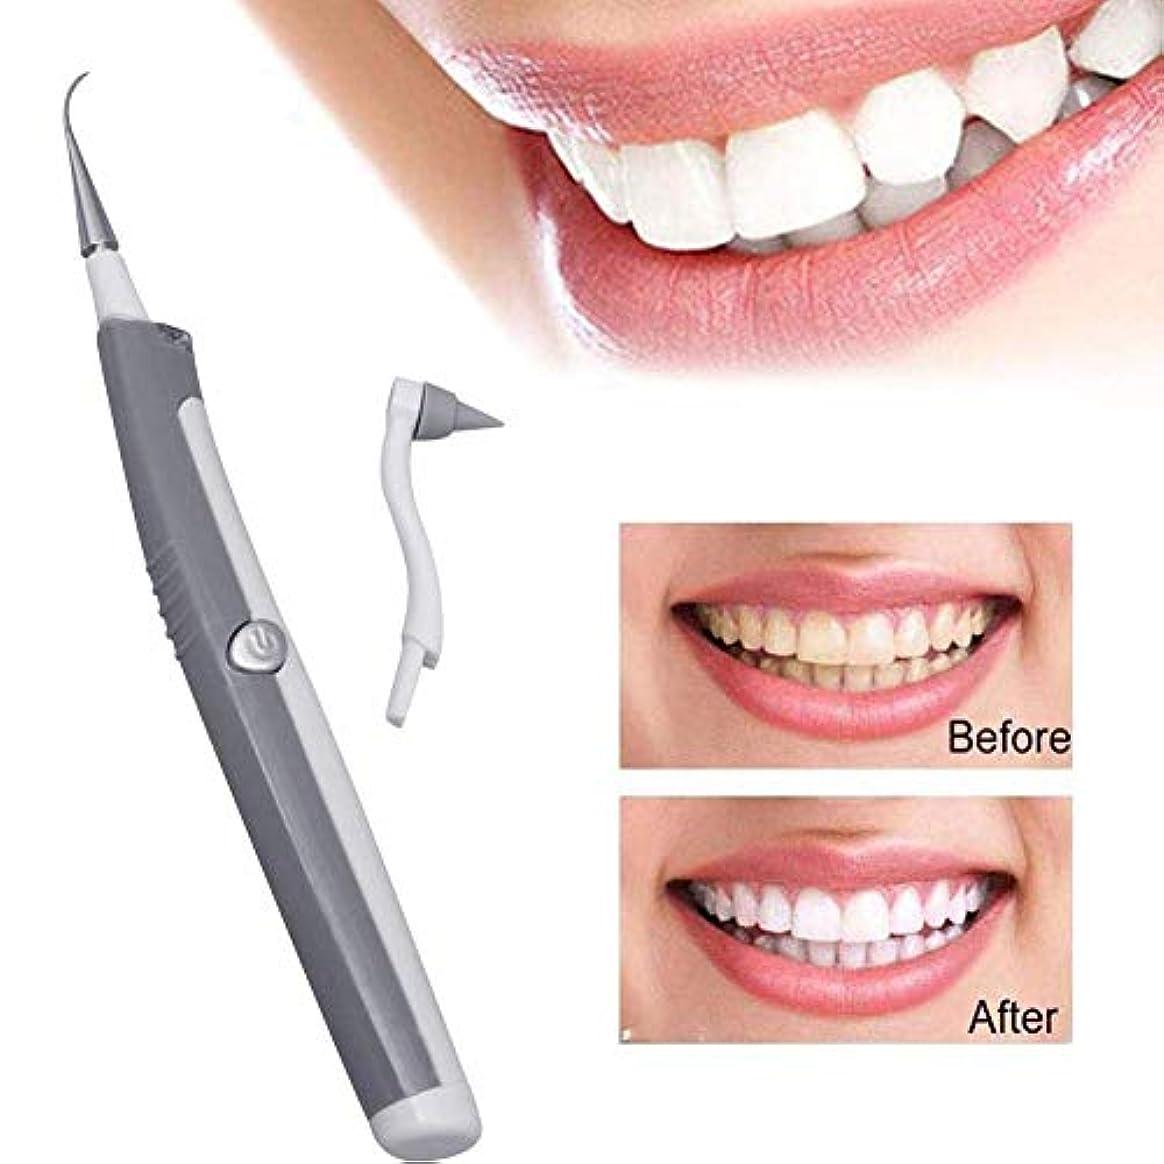 泳ぐ観客わずかにLEDライト付きツールを白くする家庭用携帯用歯磨き粉電動歯の汚れ消しゴム振動歯